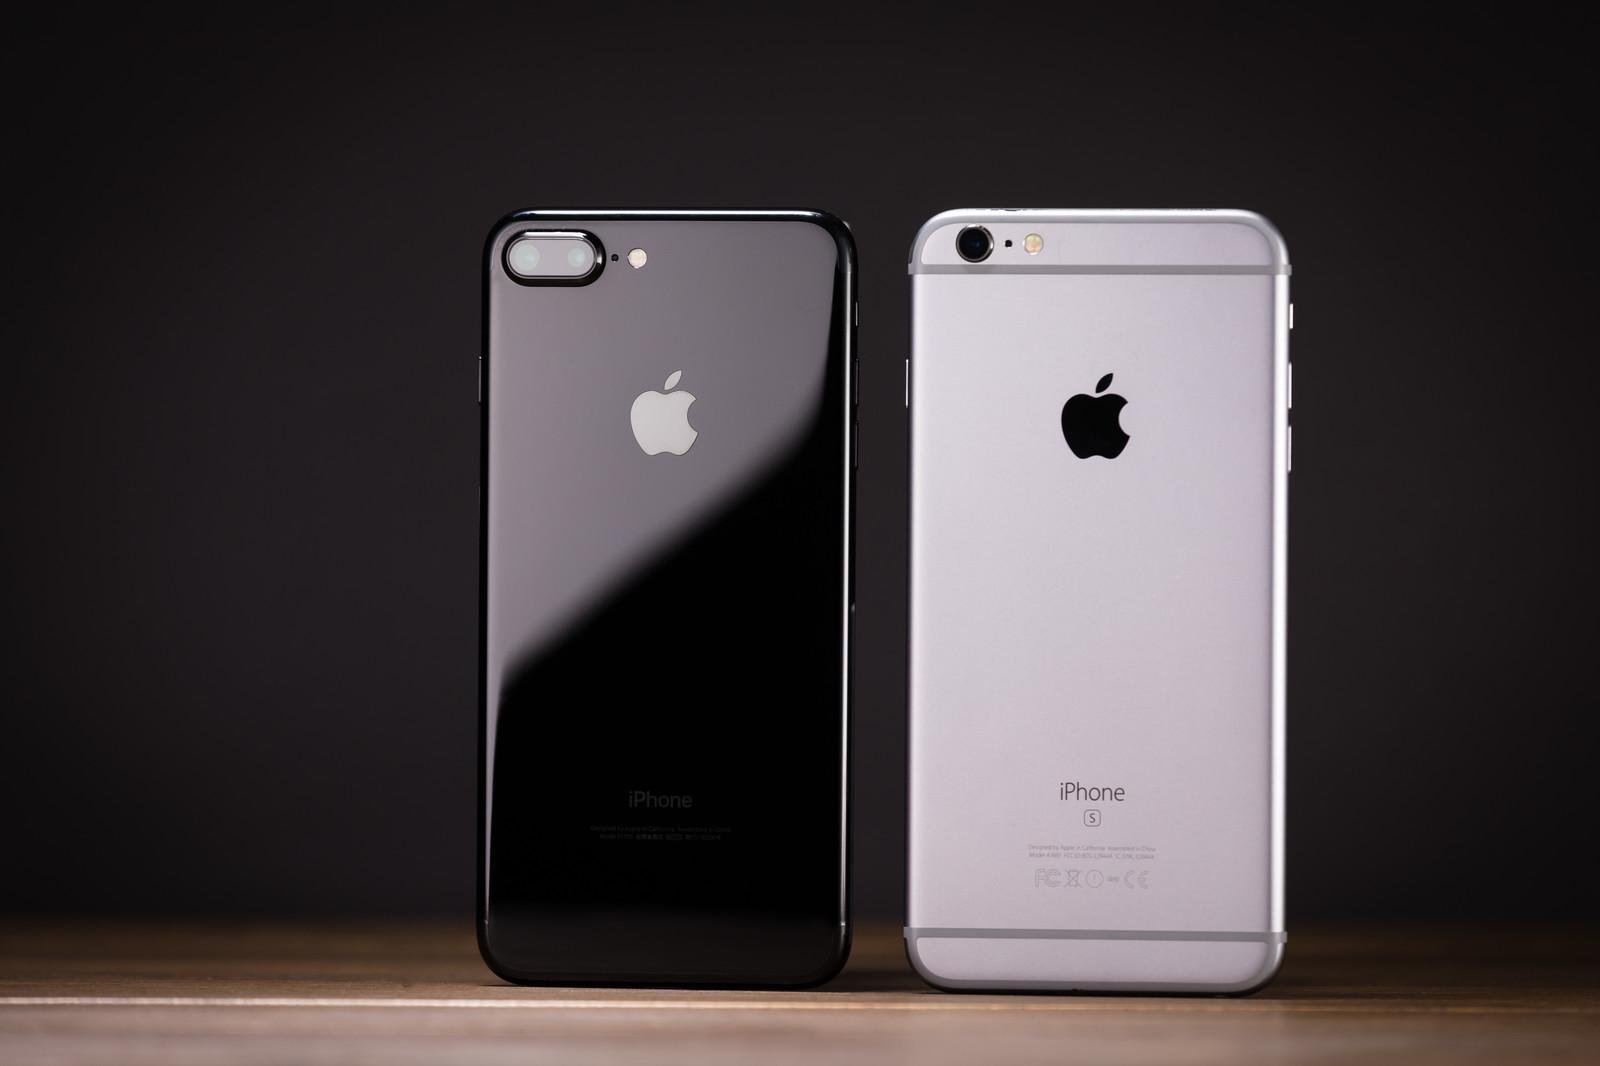 ドコモ iPhoneデビュー割のお得度を解説|併用可能特典と合わせた最大割引額とは?